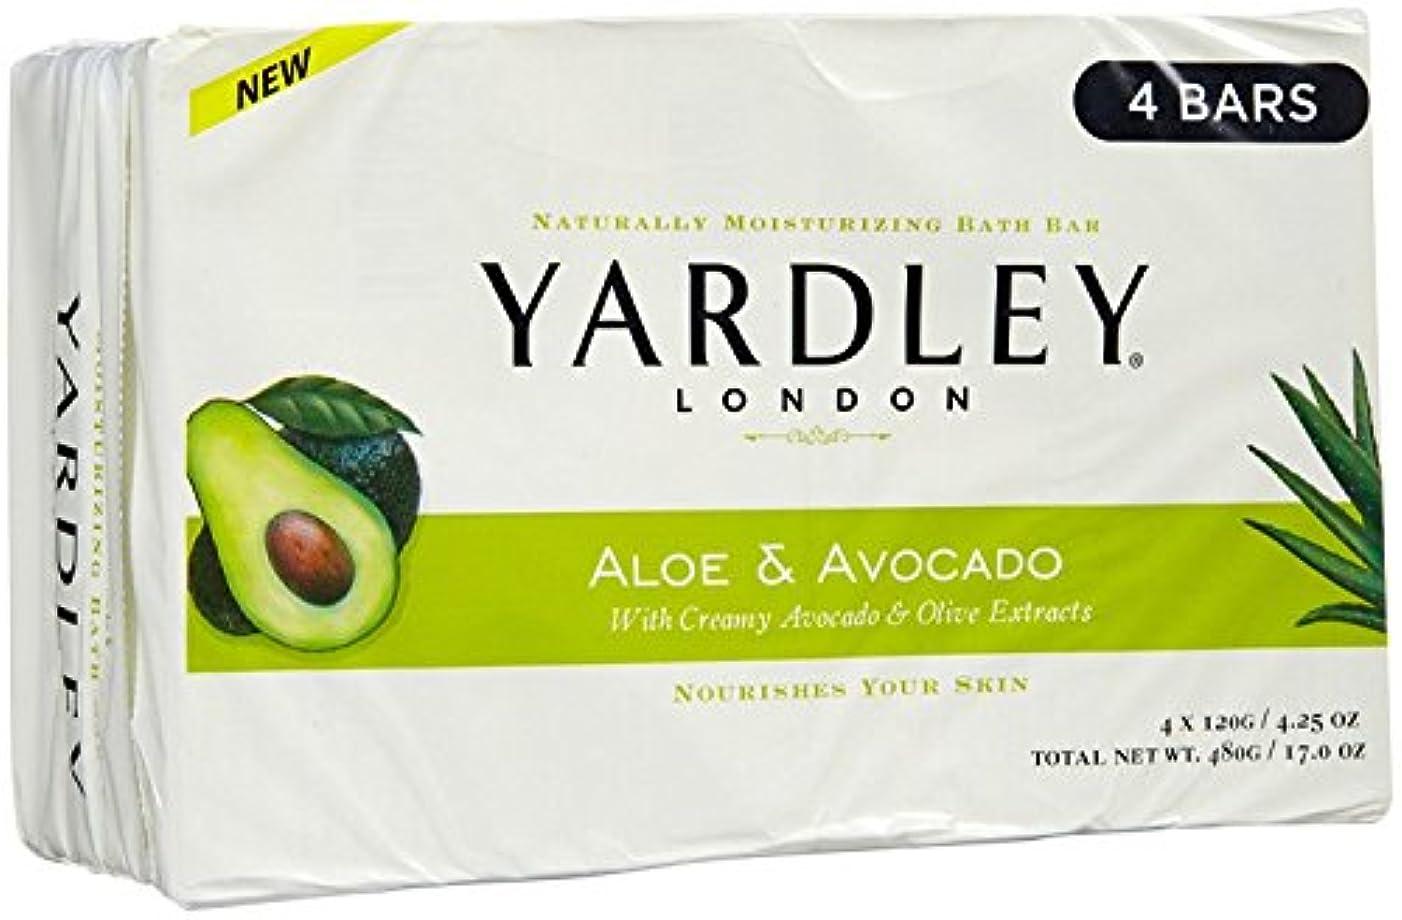 風邪をひく荒らすインシュレータYardley ロンドンアロエアボカド当然のことながら保湿入浴バー4.25オズ(4パック)